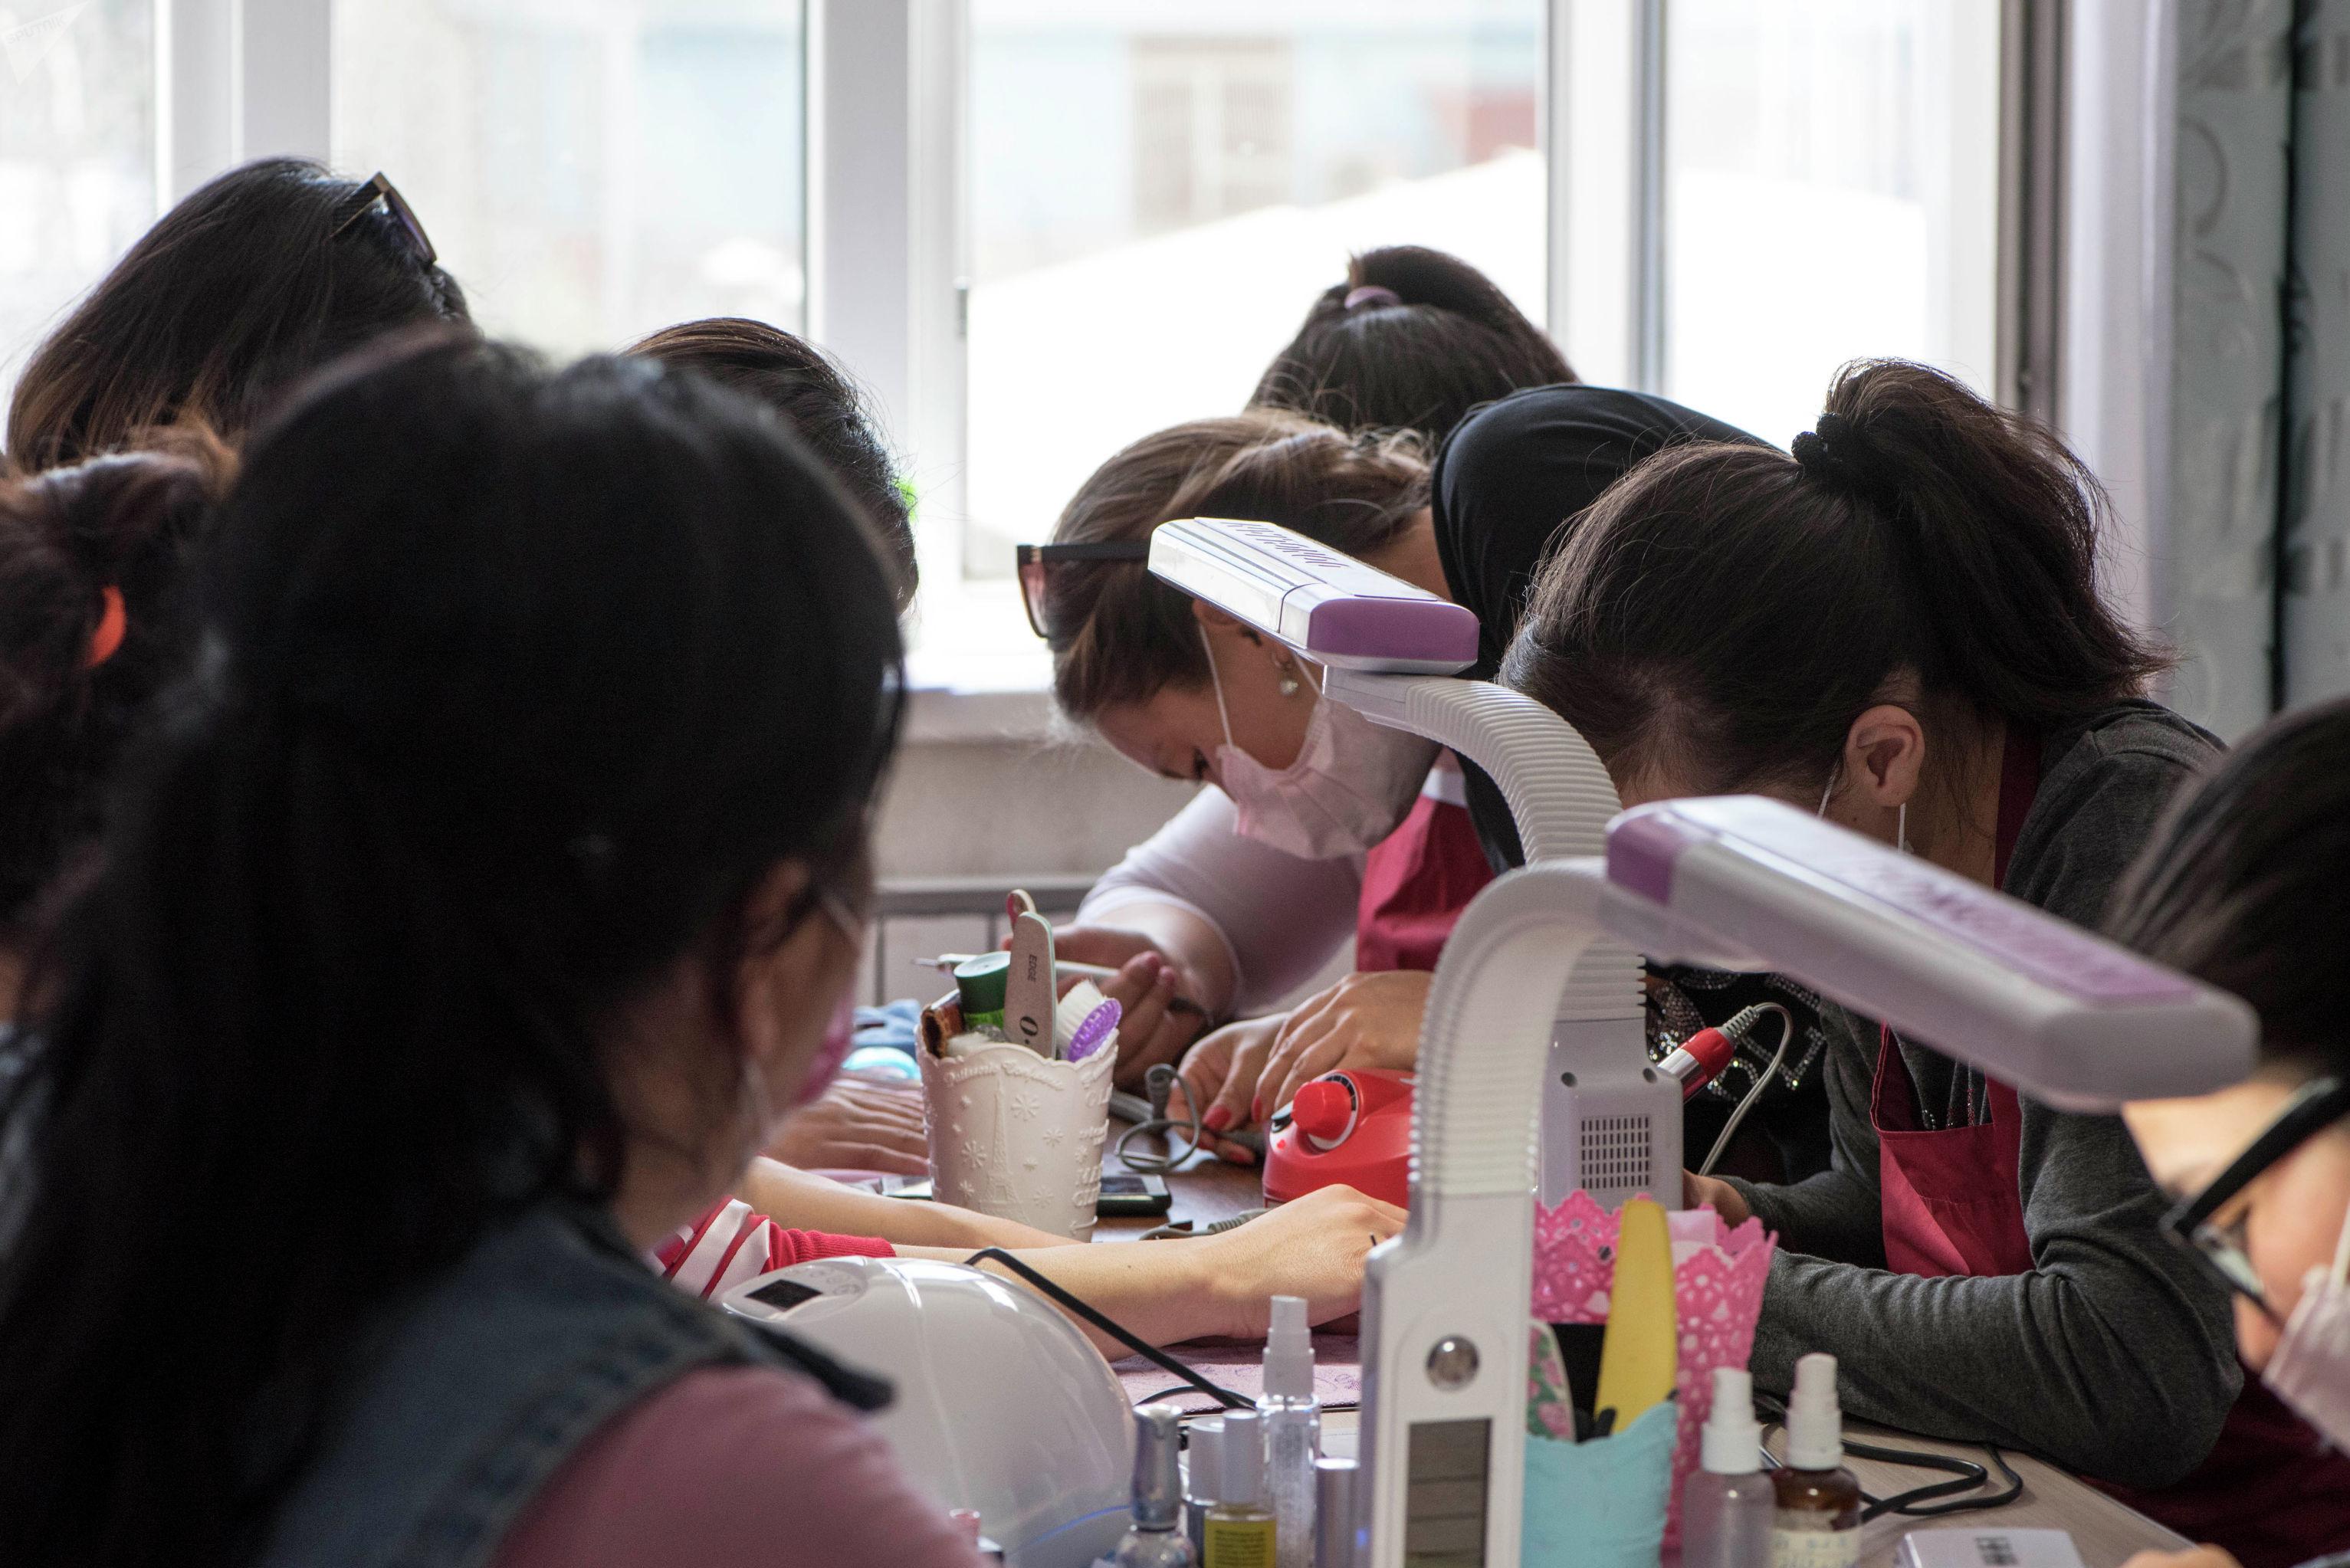 Девушки с ОВЗ работающие в общественном объединении Равенство